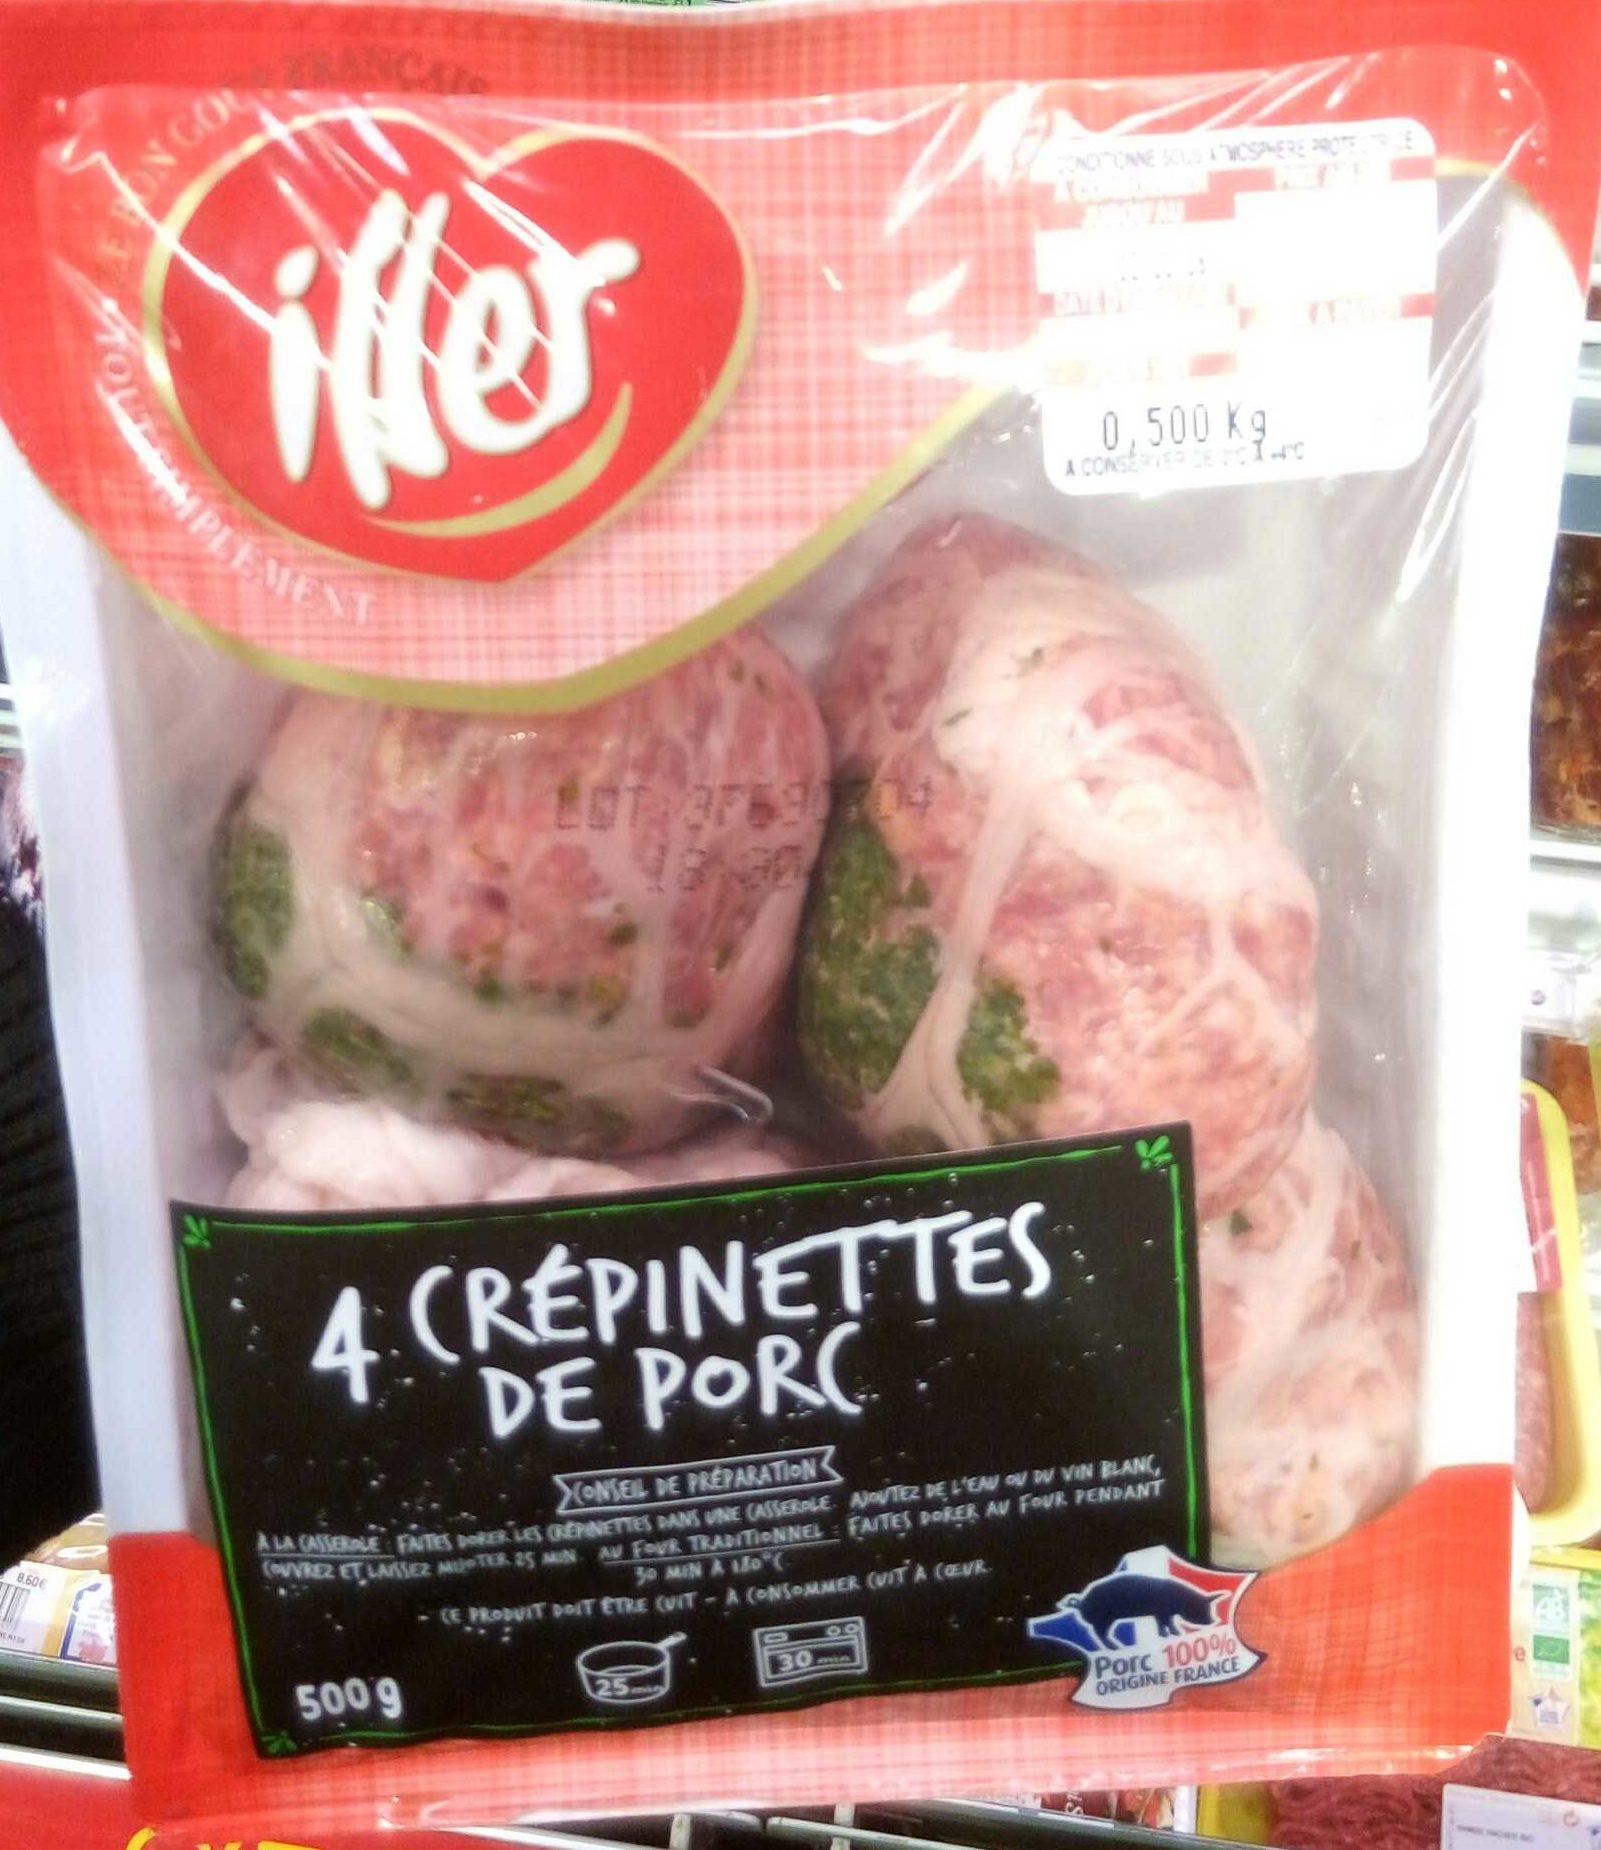 4 crépinettes de porc - Produit